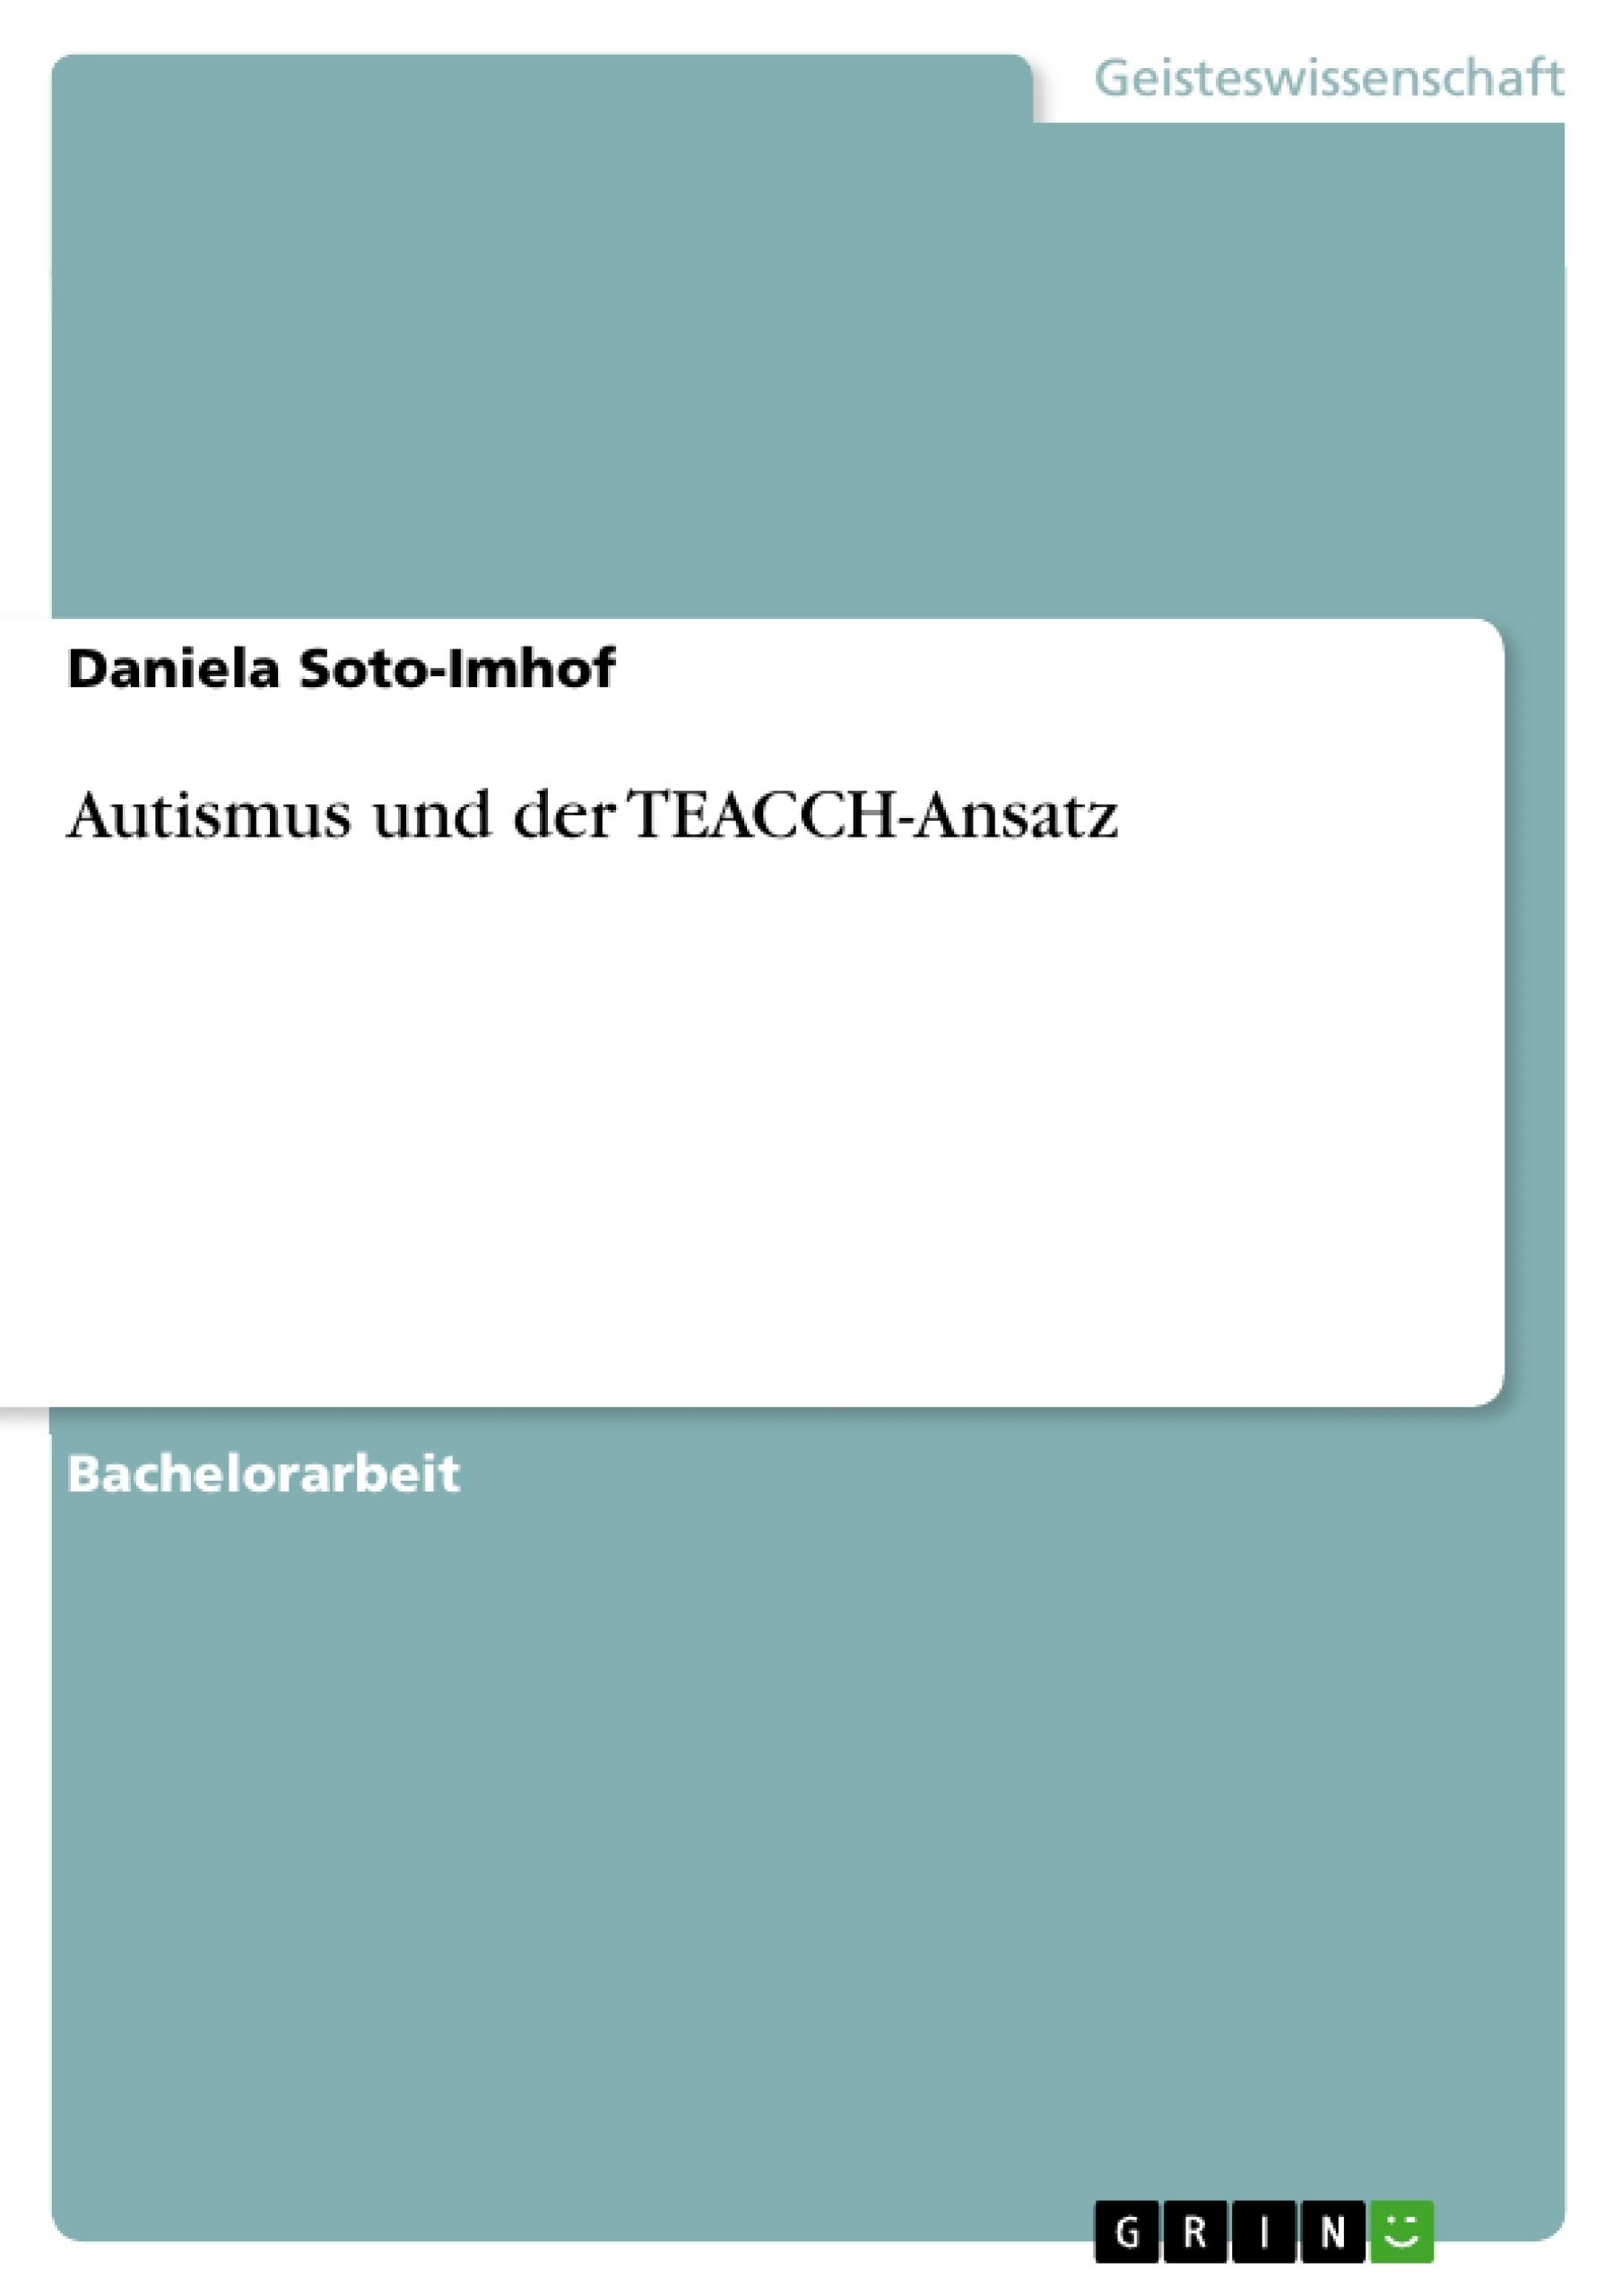 Titel: Autismus und der TEACCH-Ansatz